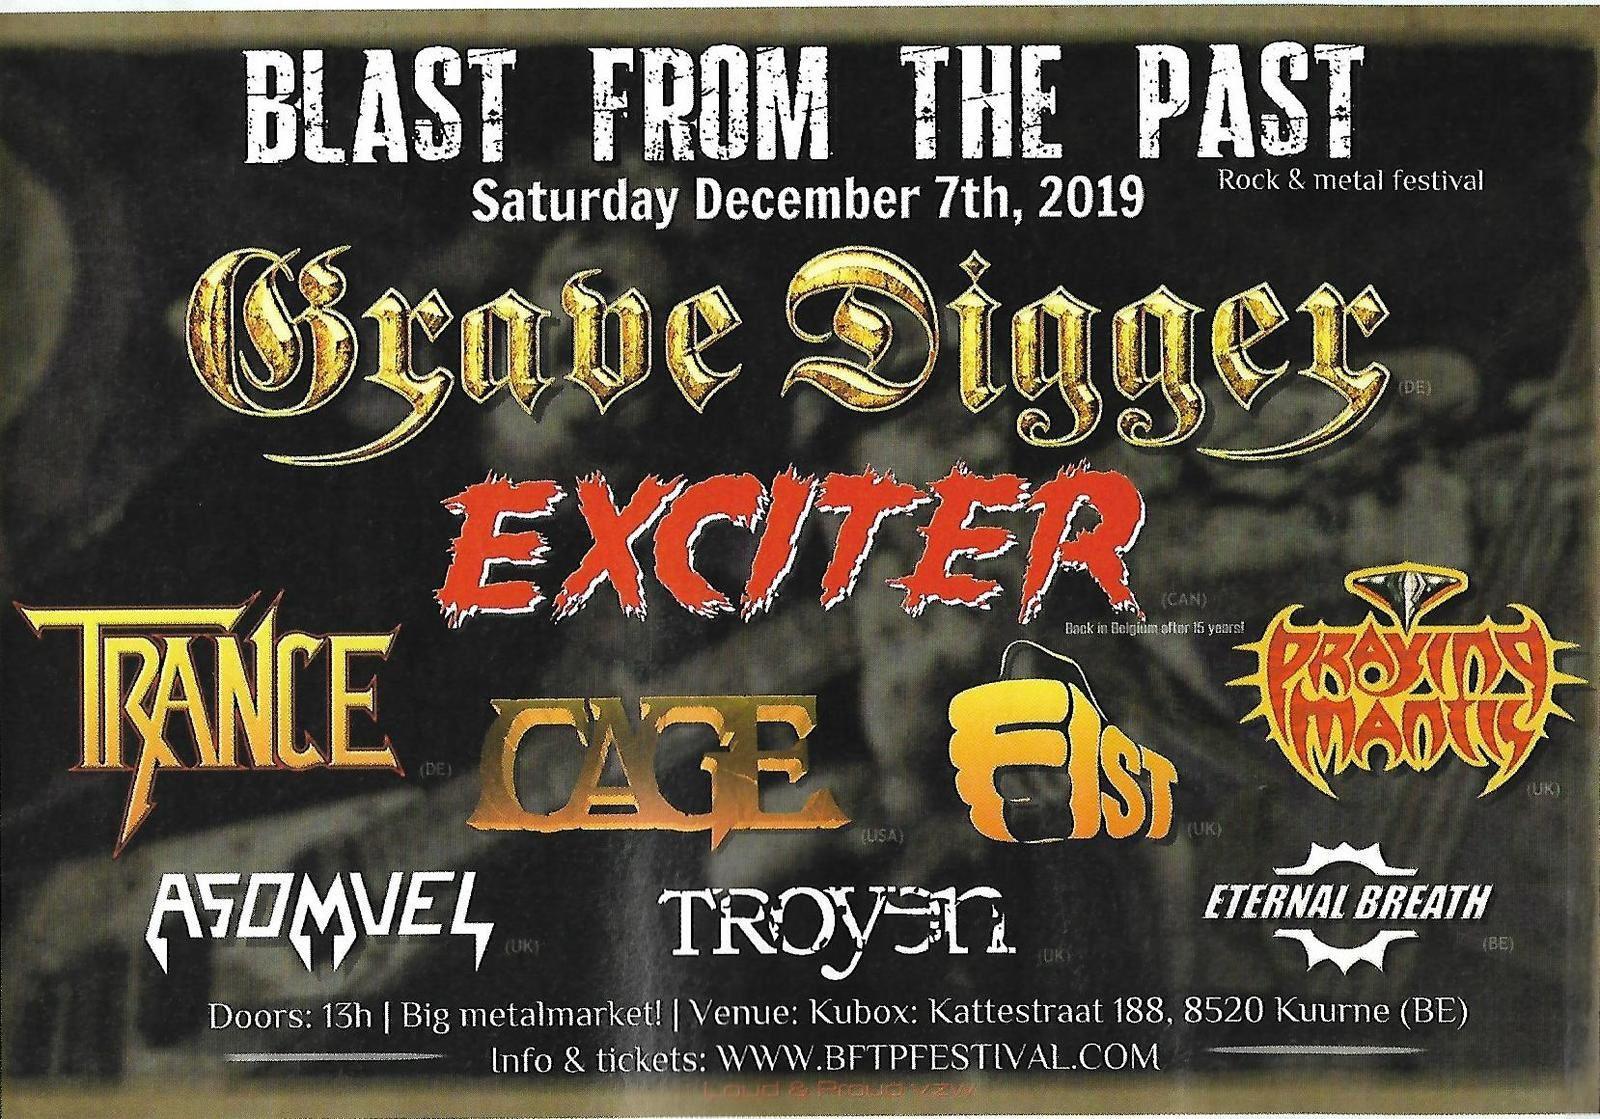 Découvrez le Blast From The Past Festival qui aura lieu dans 3 semaines en Belgique ! 🇧🇪